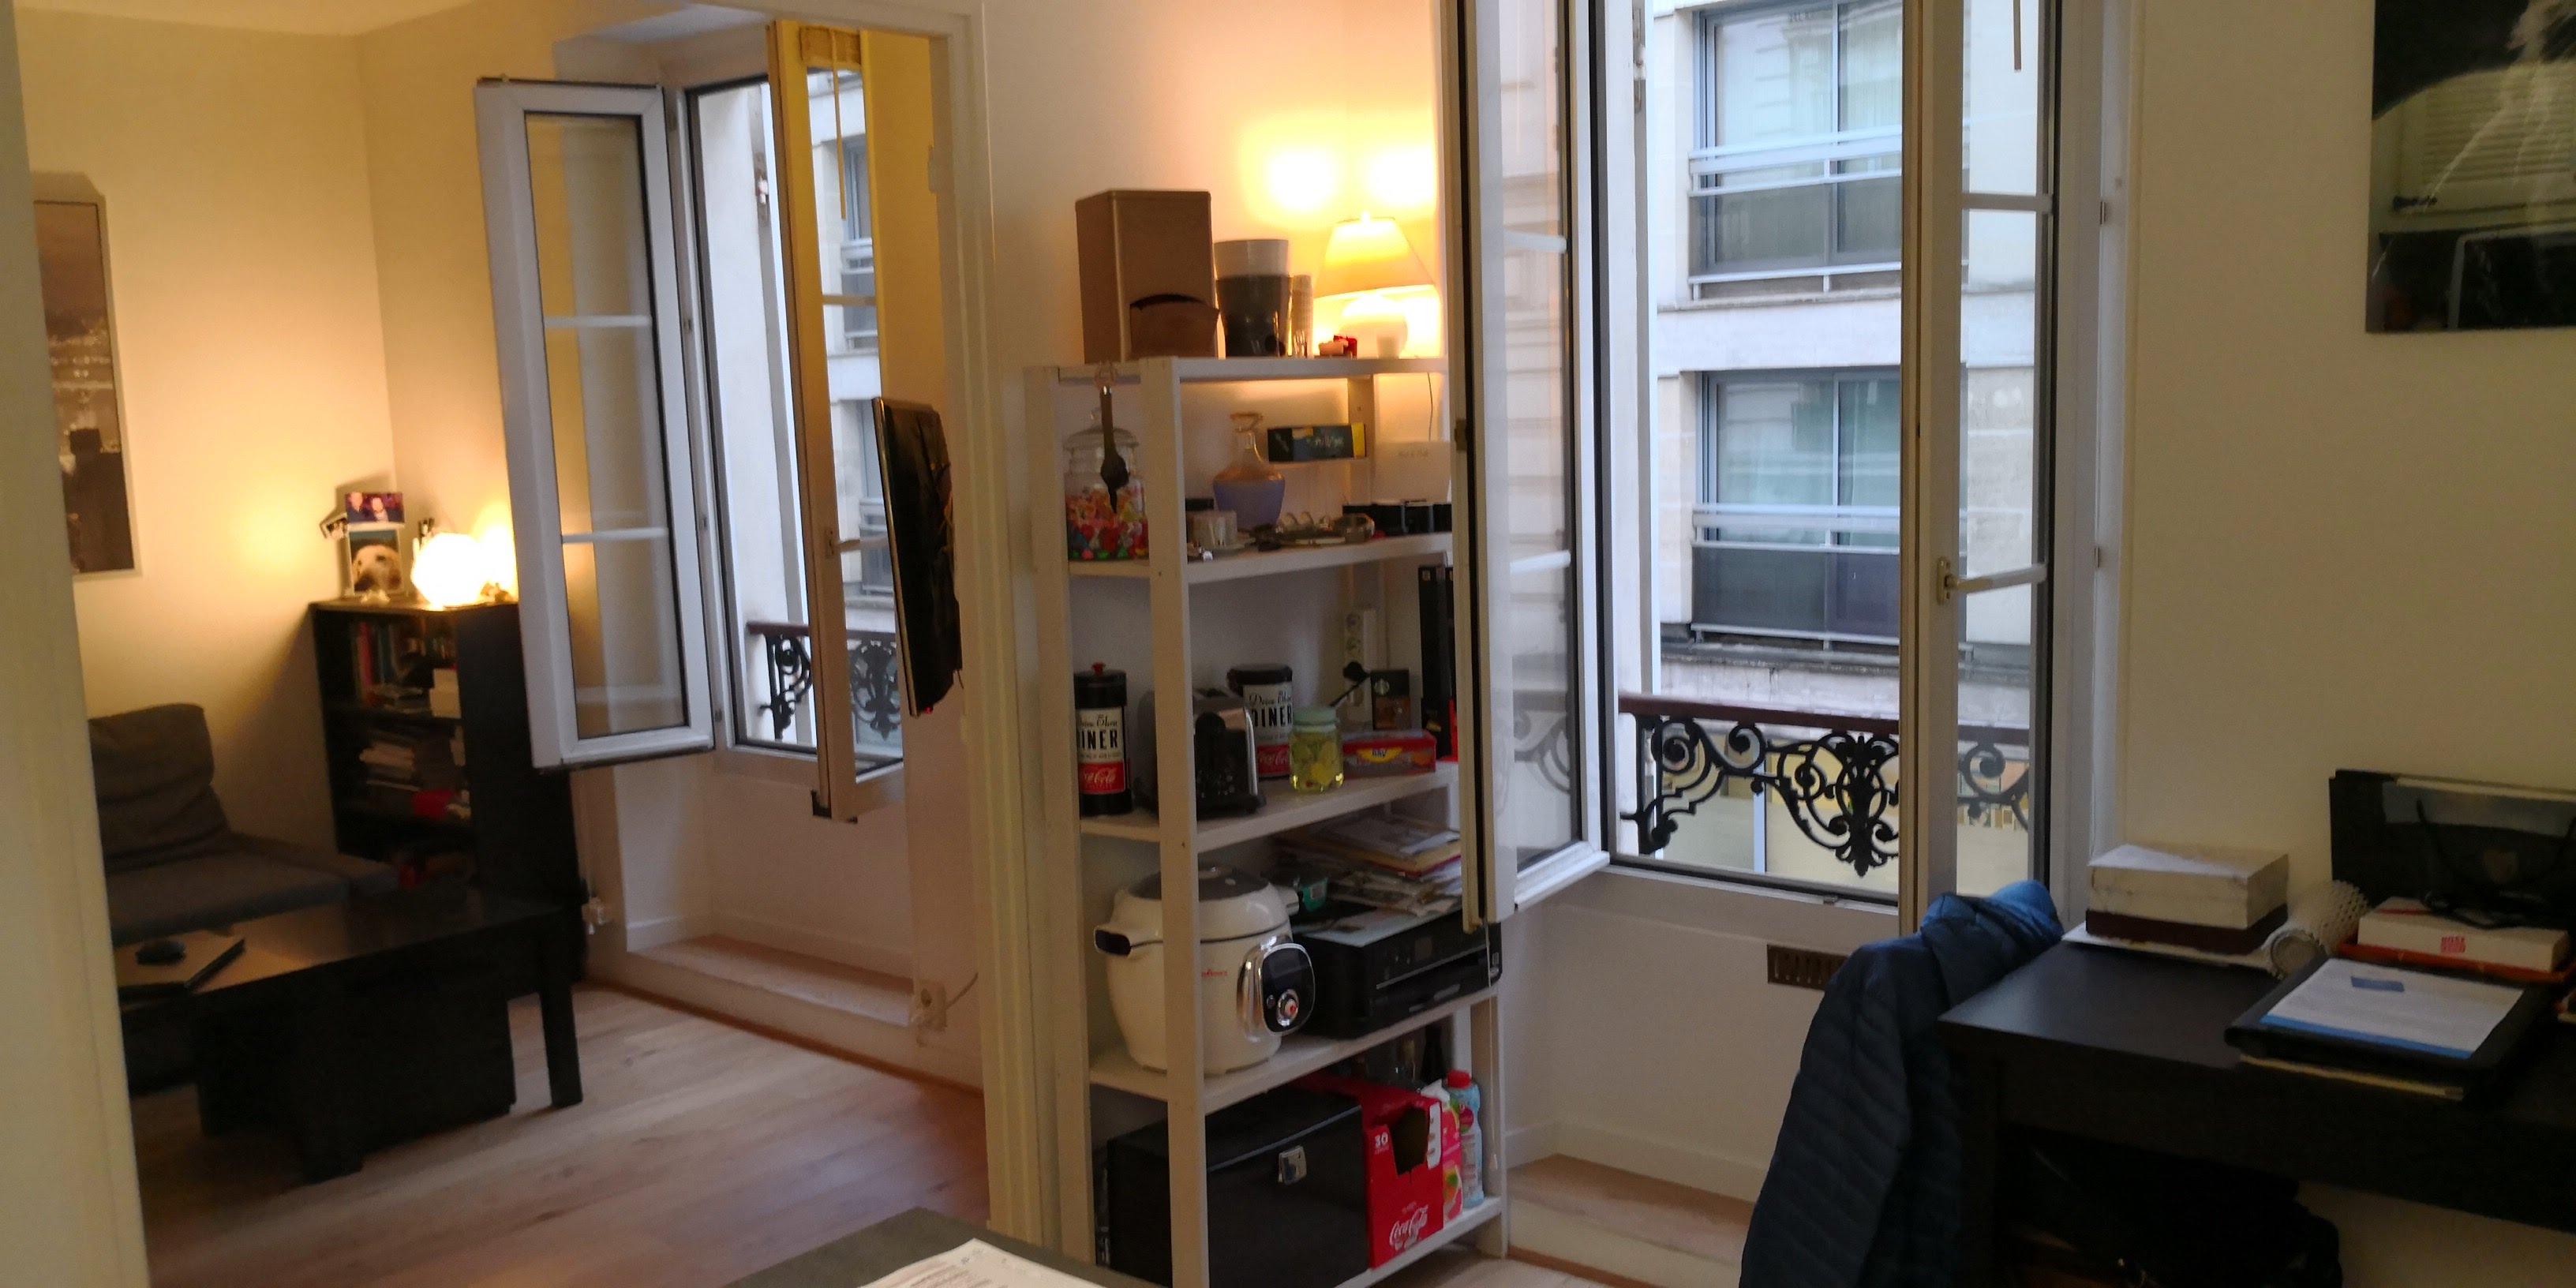 Paris 15ème, Appartement  2/3 pièces de 38 m2 Quartier Tour Eiffel ,  Métro La motte piquet ou Dupleix